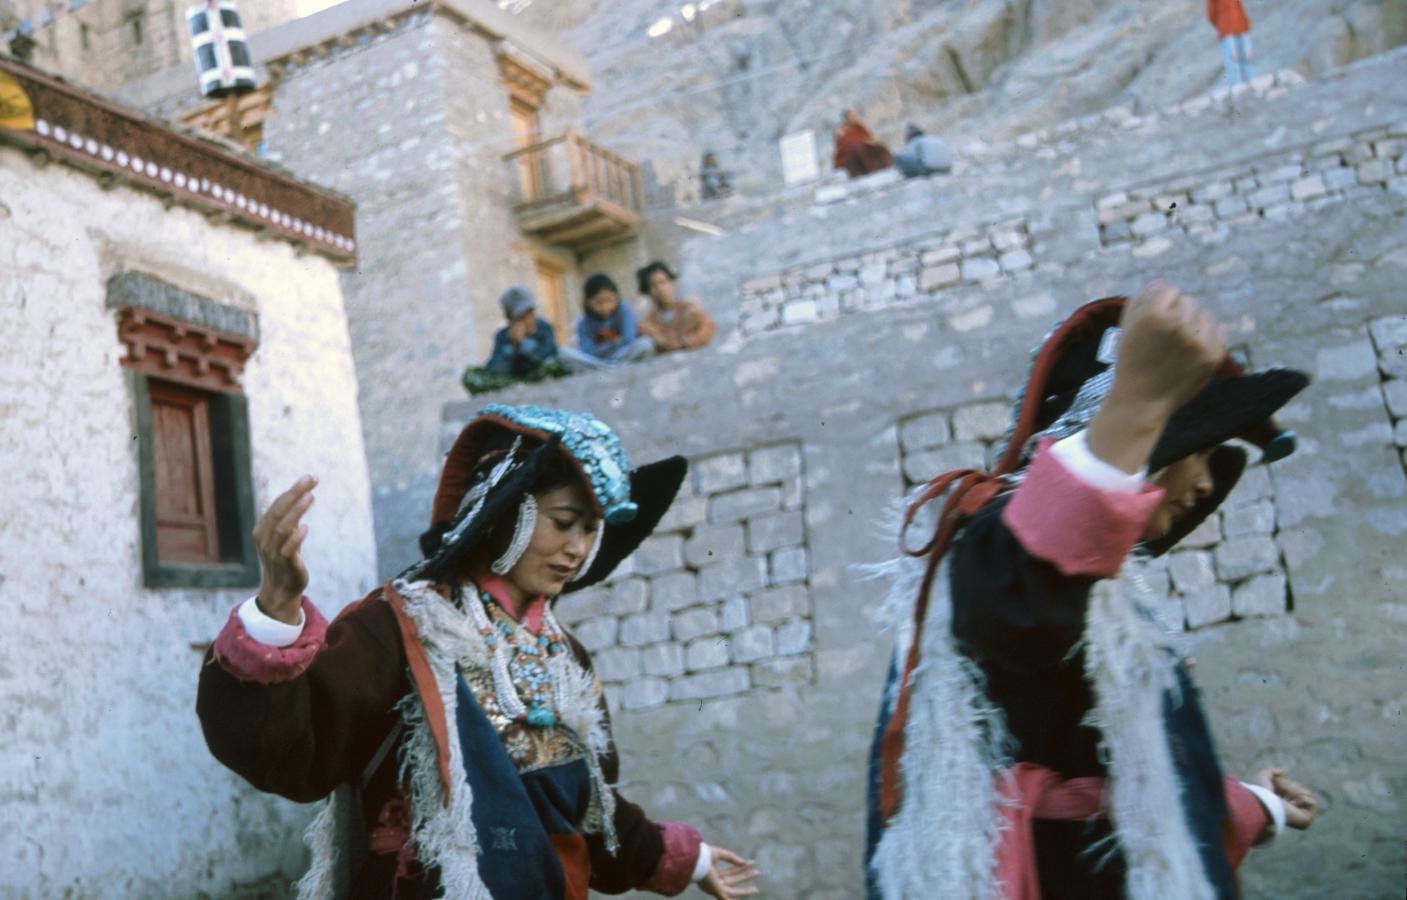 dancing-in-leh-2003